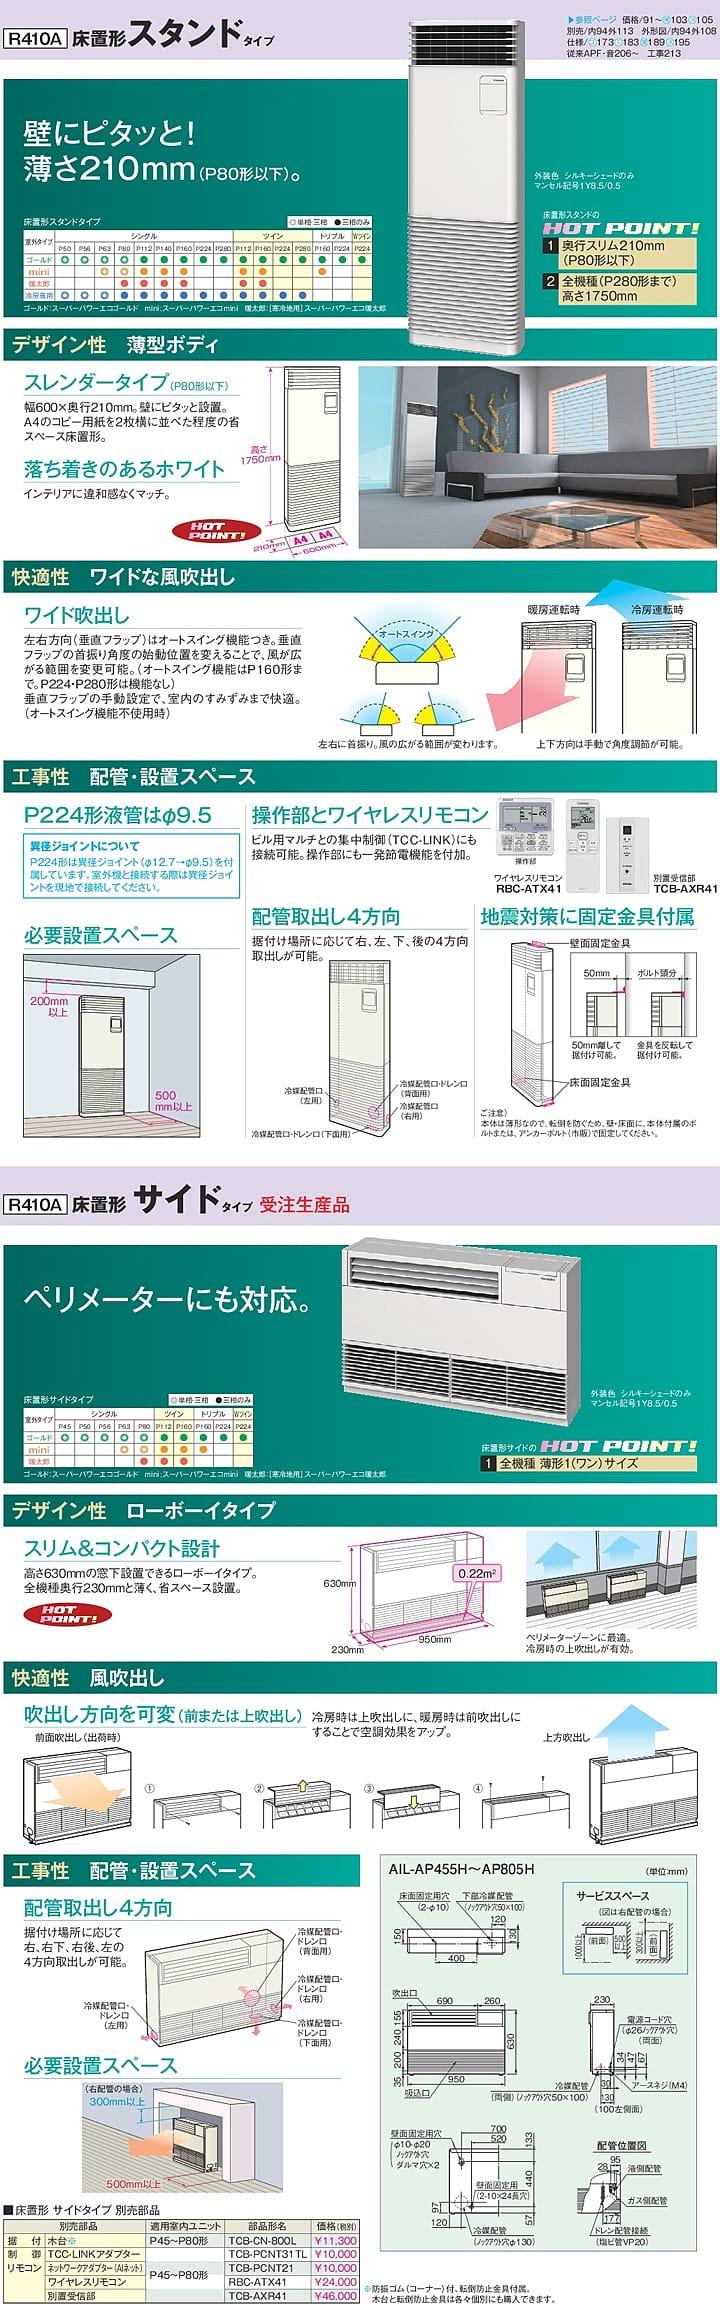 東芝 ALSC22457B 業務用エアコン